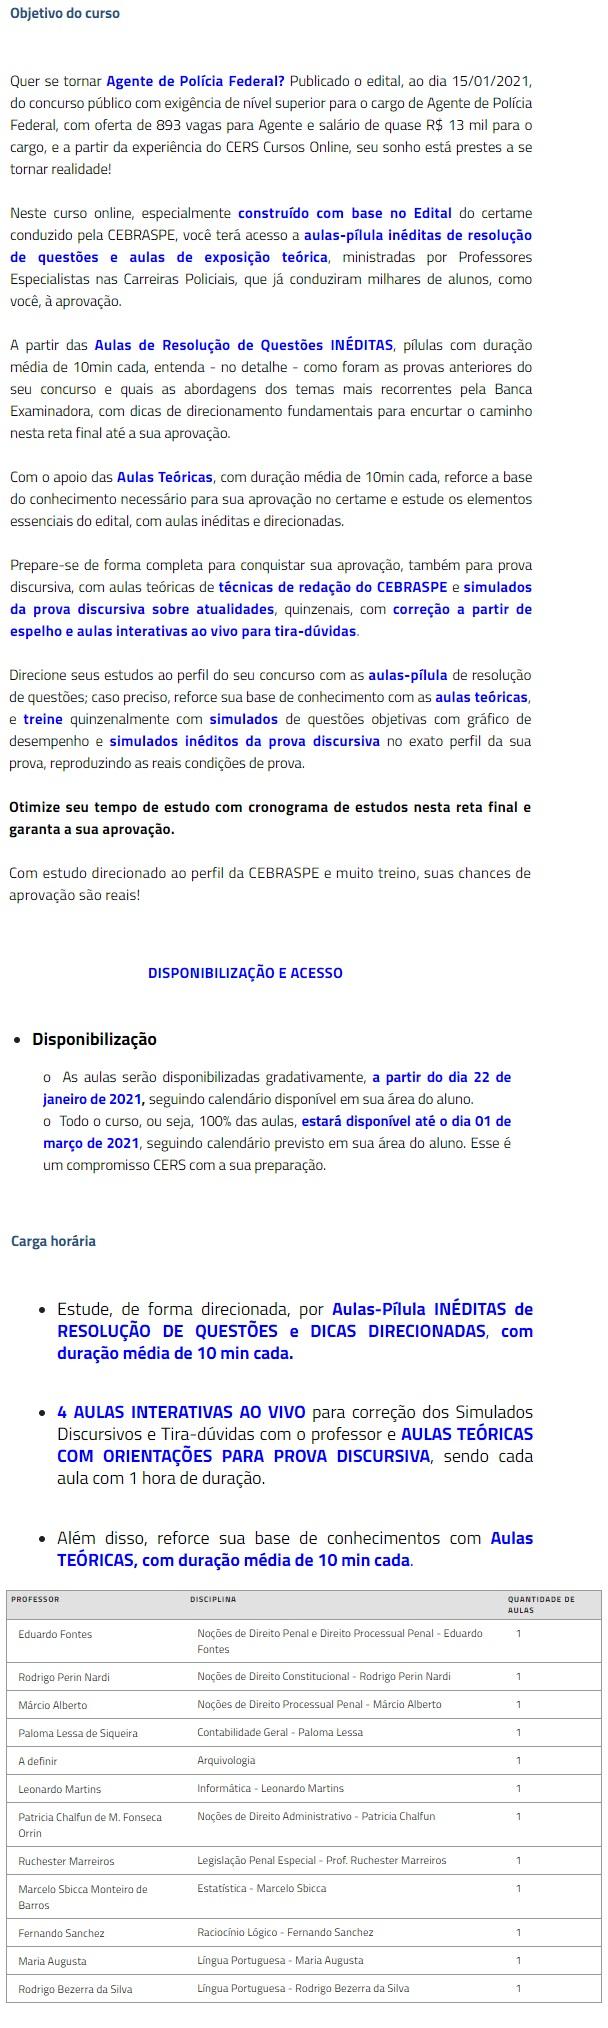 https://www.rateioconcurso.com/wp-content/uploads/2021/01/03-Agente-PF-Polícia-Federal-Reta-Final-PÓS-EDITAL-CERS-2021.jpg